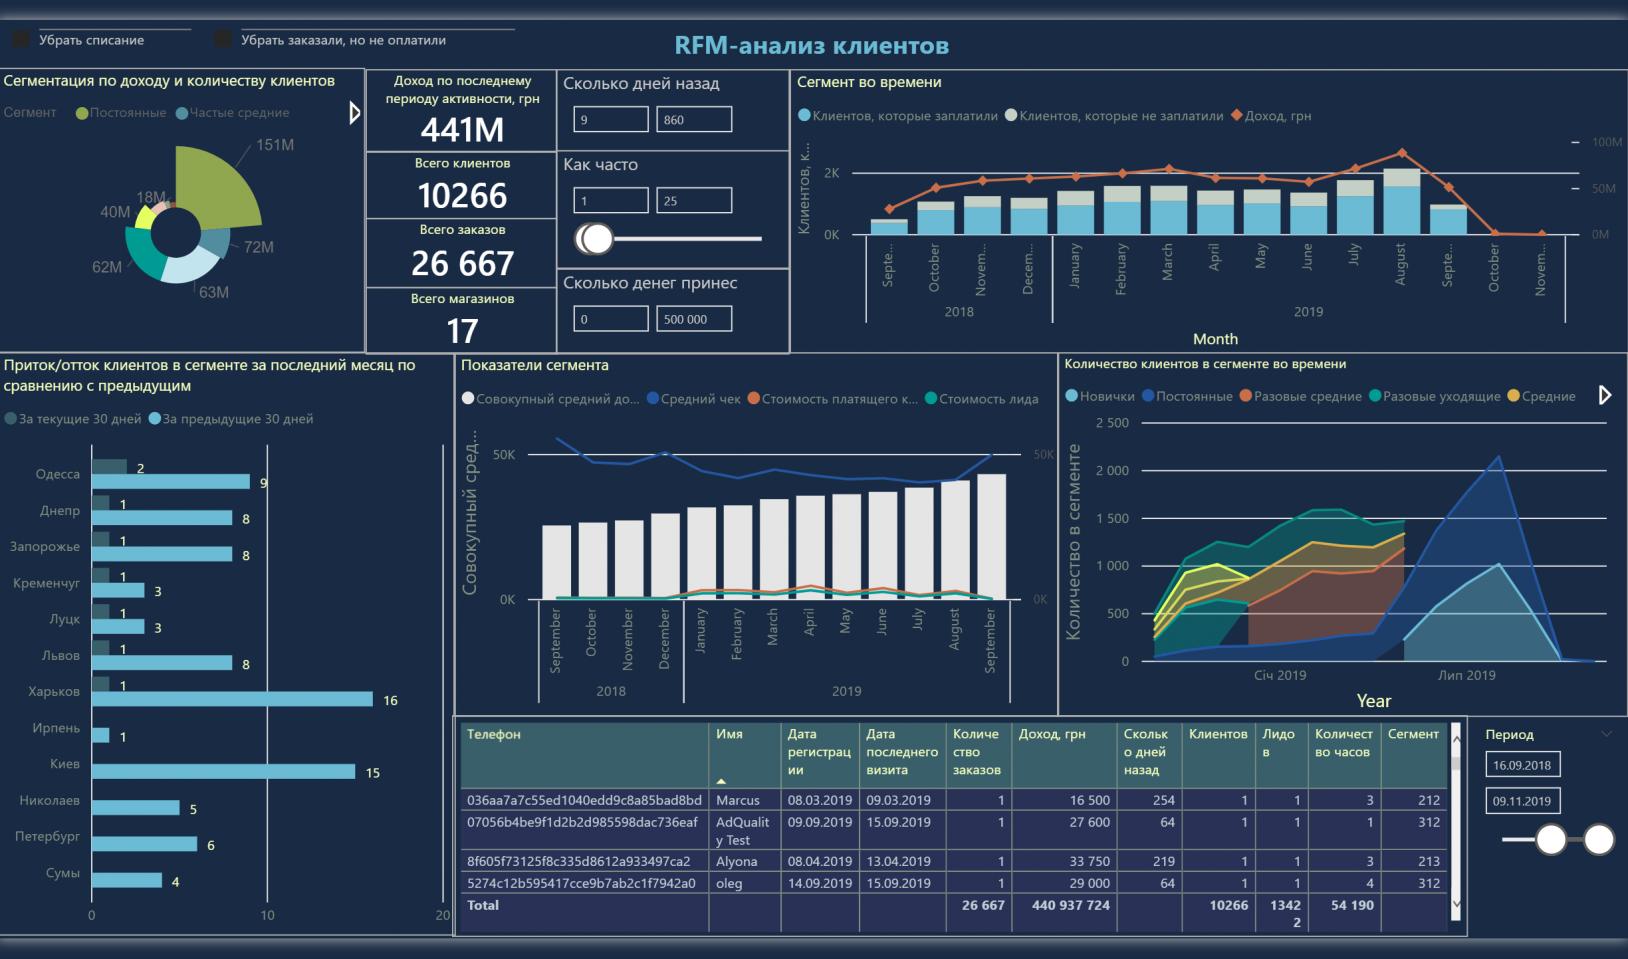 RFM анализ клиентов